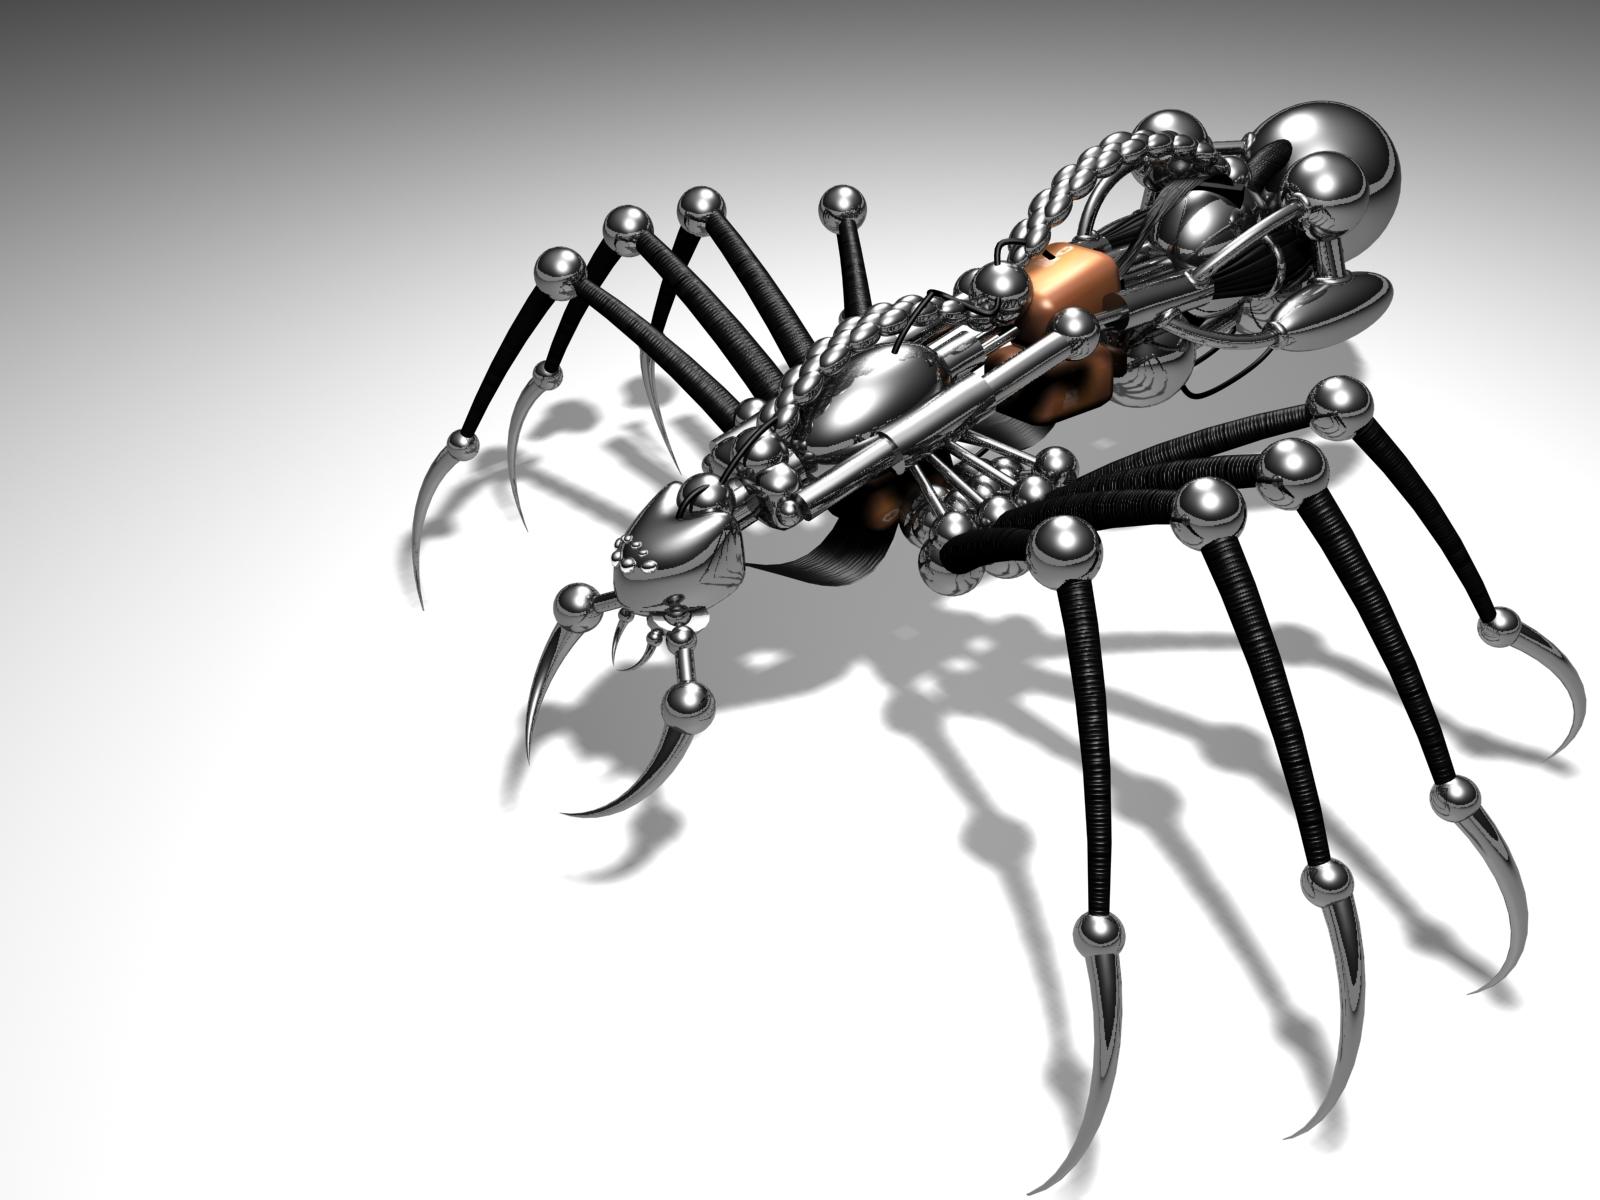 http://4.bp.blogspot.com/_lZ0PjAyUf4I/TFFE_yClYuI/AAAAAAAAFBM/BDtQvIwwCxY/s1600/robots_5.jpg